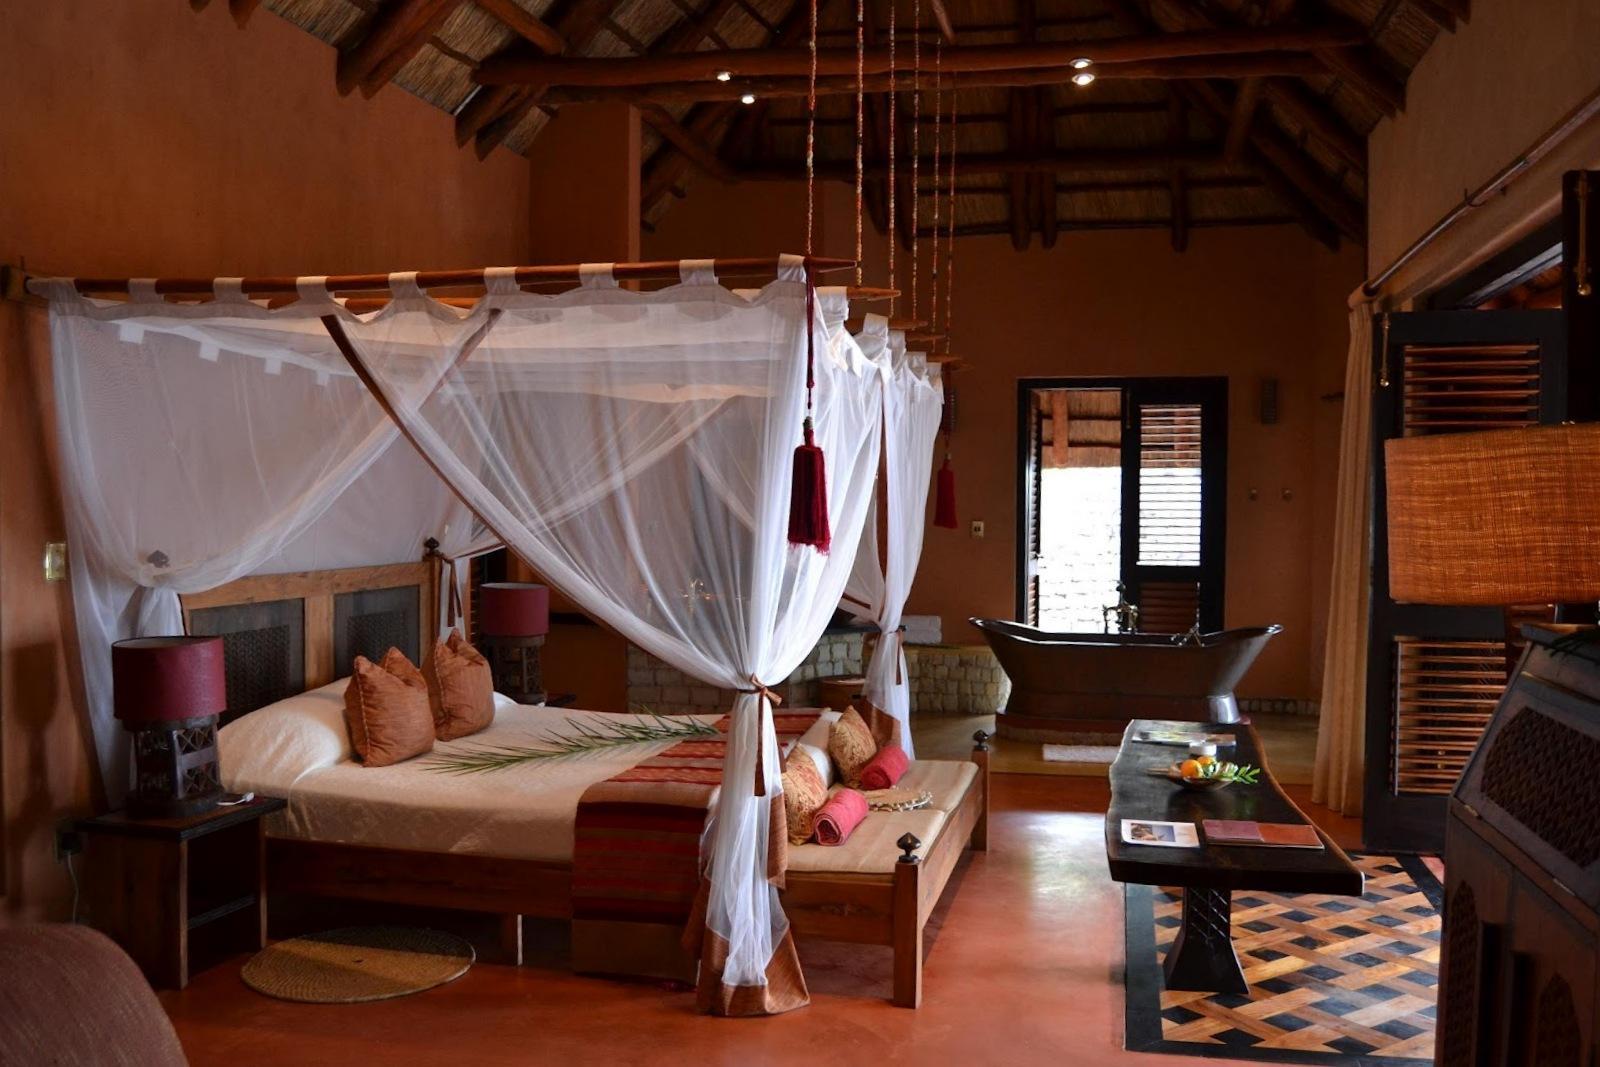 Dormitorios de estilo colonial for Dormitorio colonial